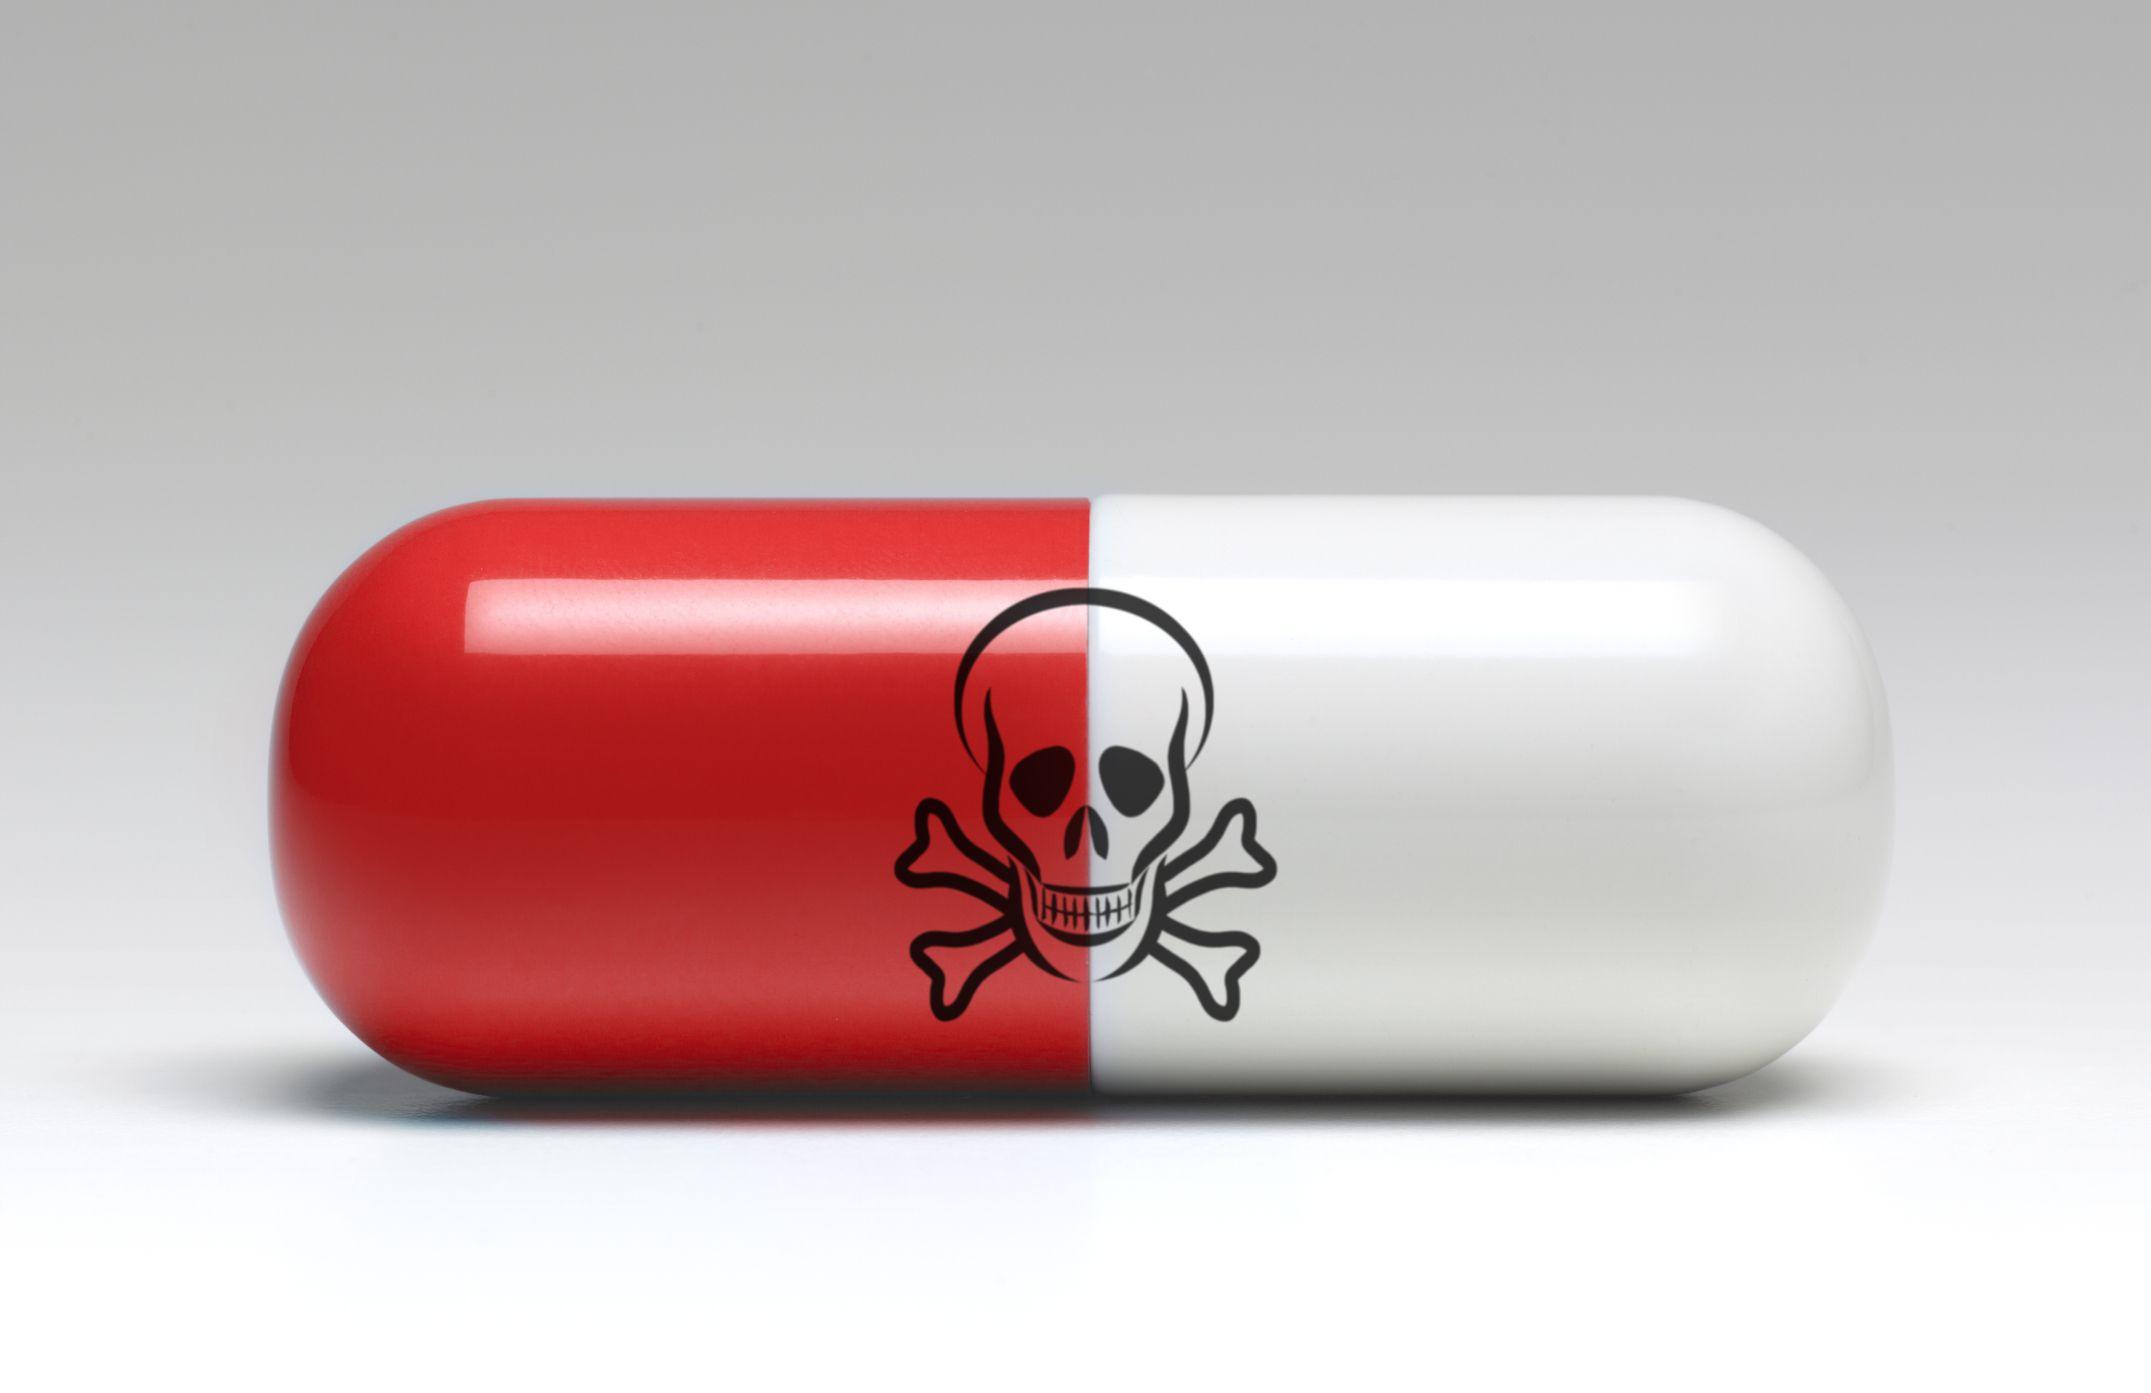 Red Pill : le bon, le moins bon et le mauvais [PARTIE 6] - Dépendance, radicalisation, ne va pas assez loin